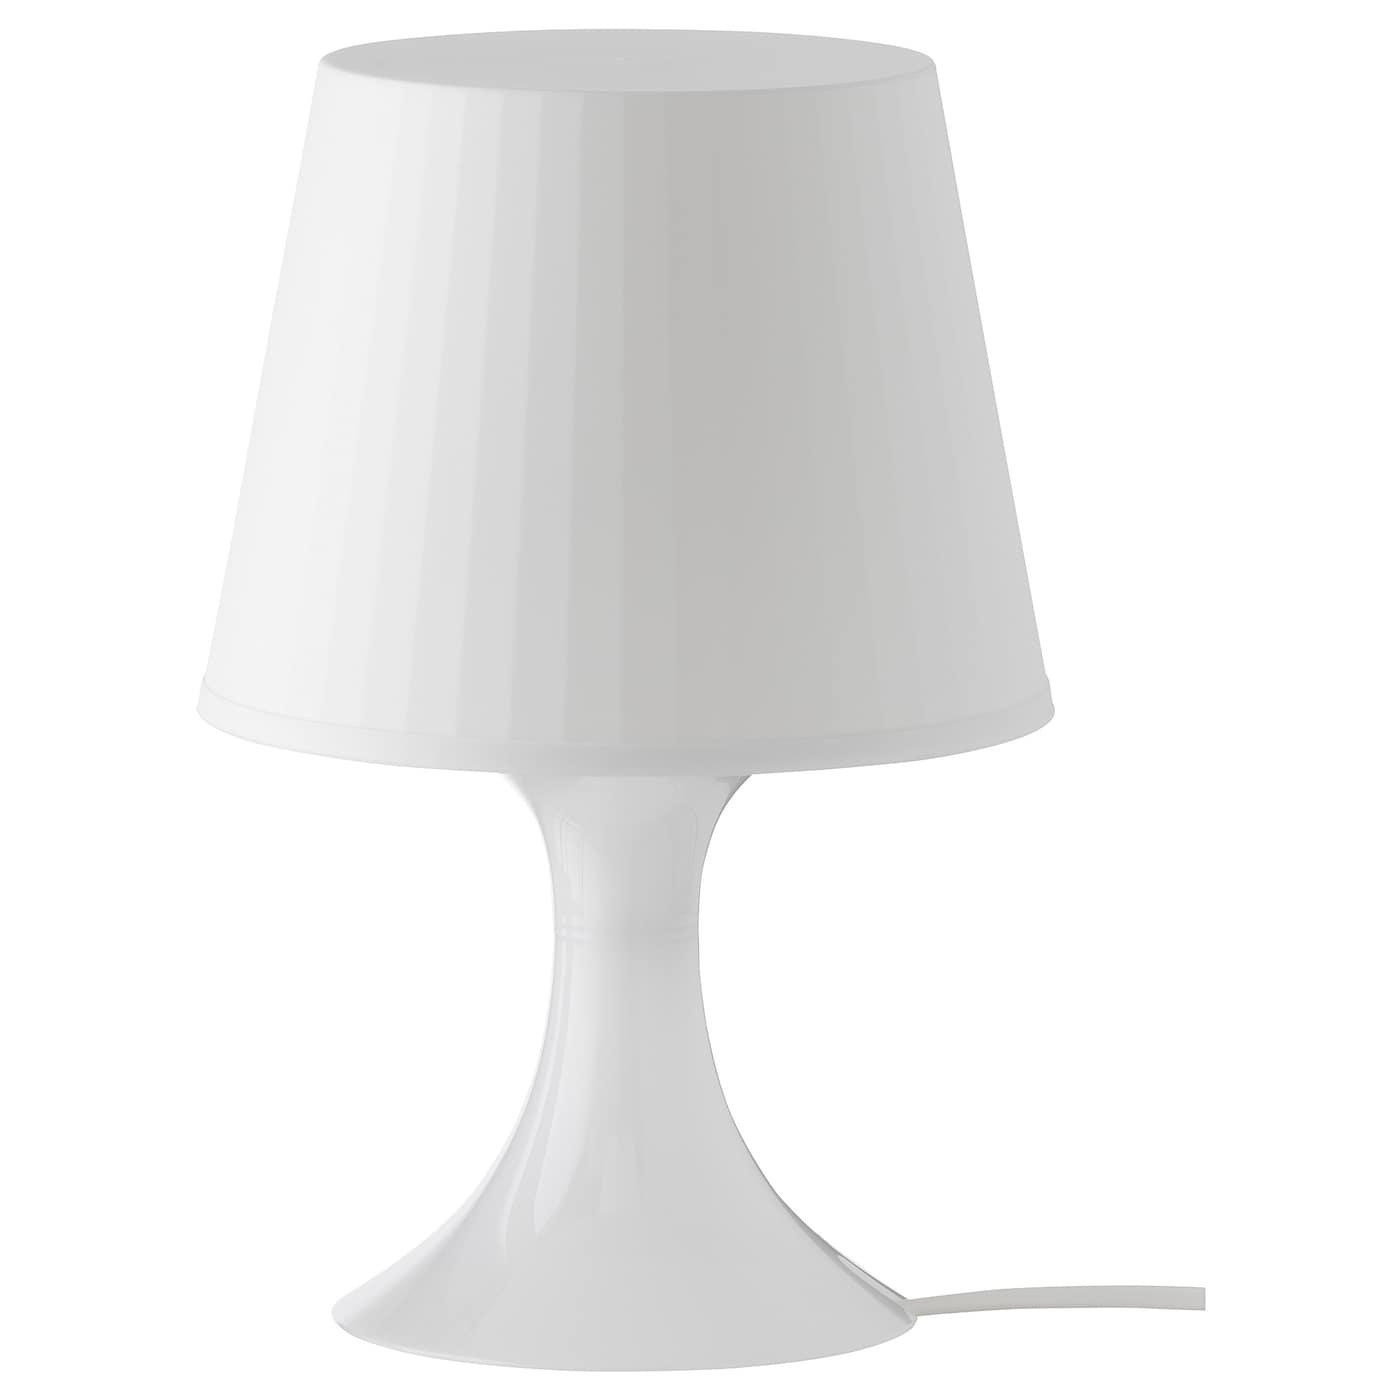 LAMPAN Tischleuchte weiß 29 cm